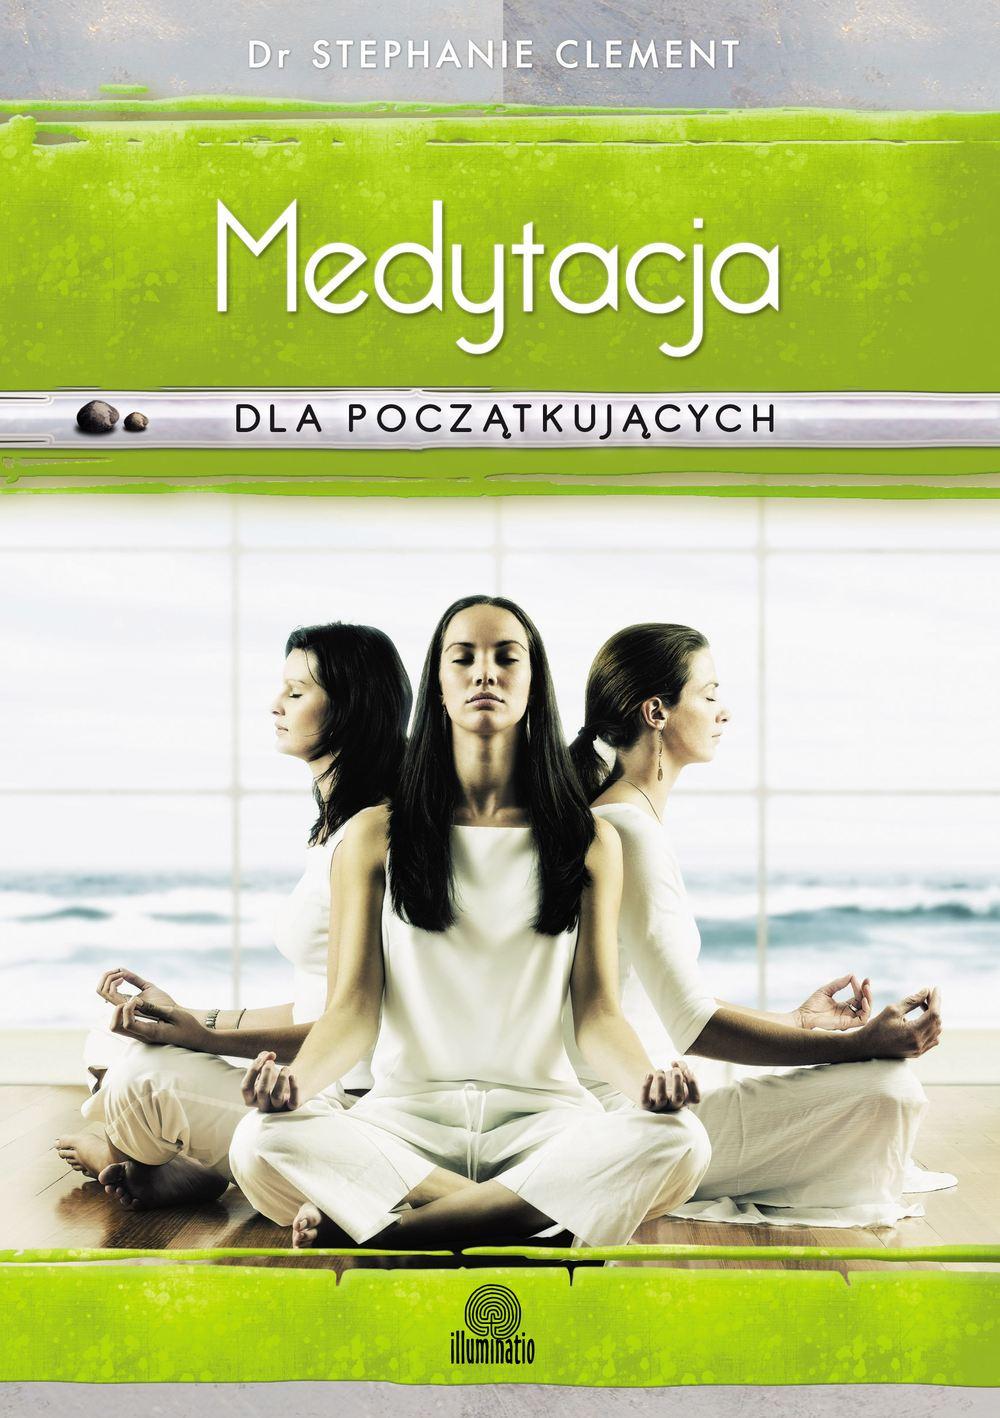 Medytacja dla początkujących. Techniki świadomości, uważności i relaksacji - Ebook (Książka na Kindle) do pobrania w formacie MOBI